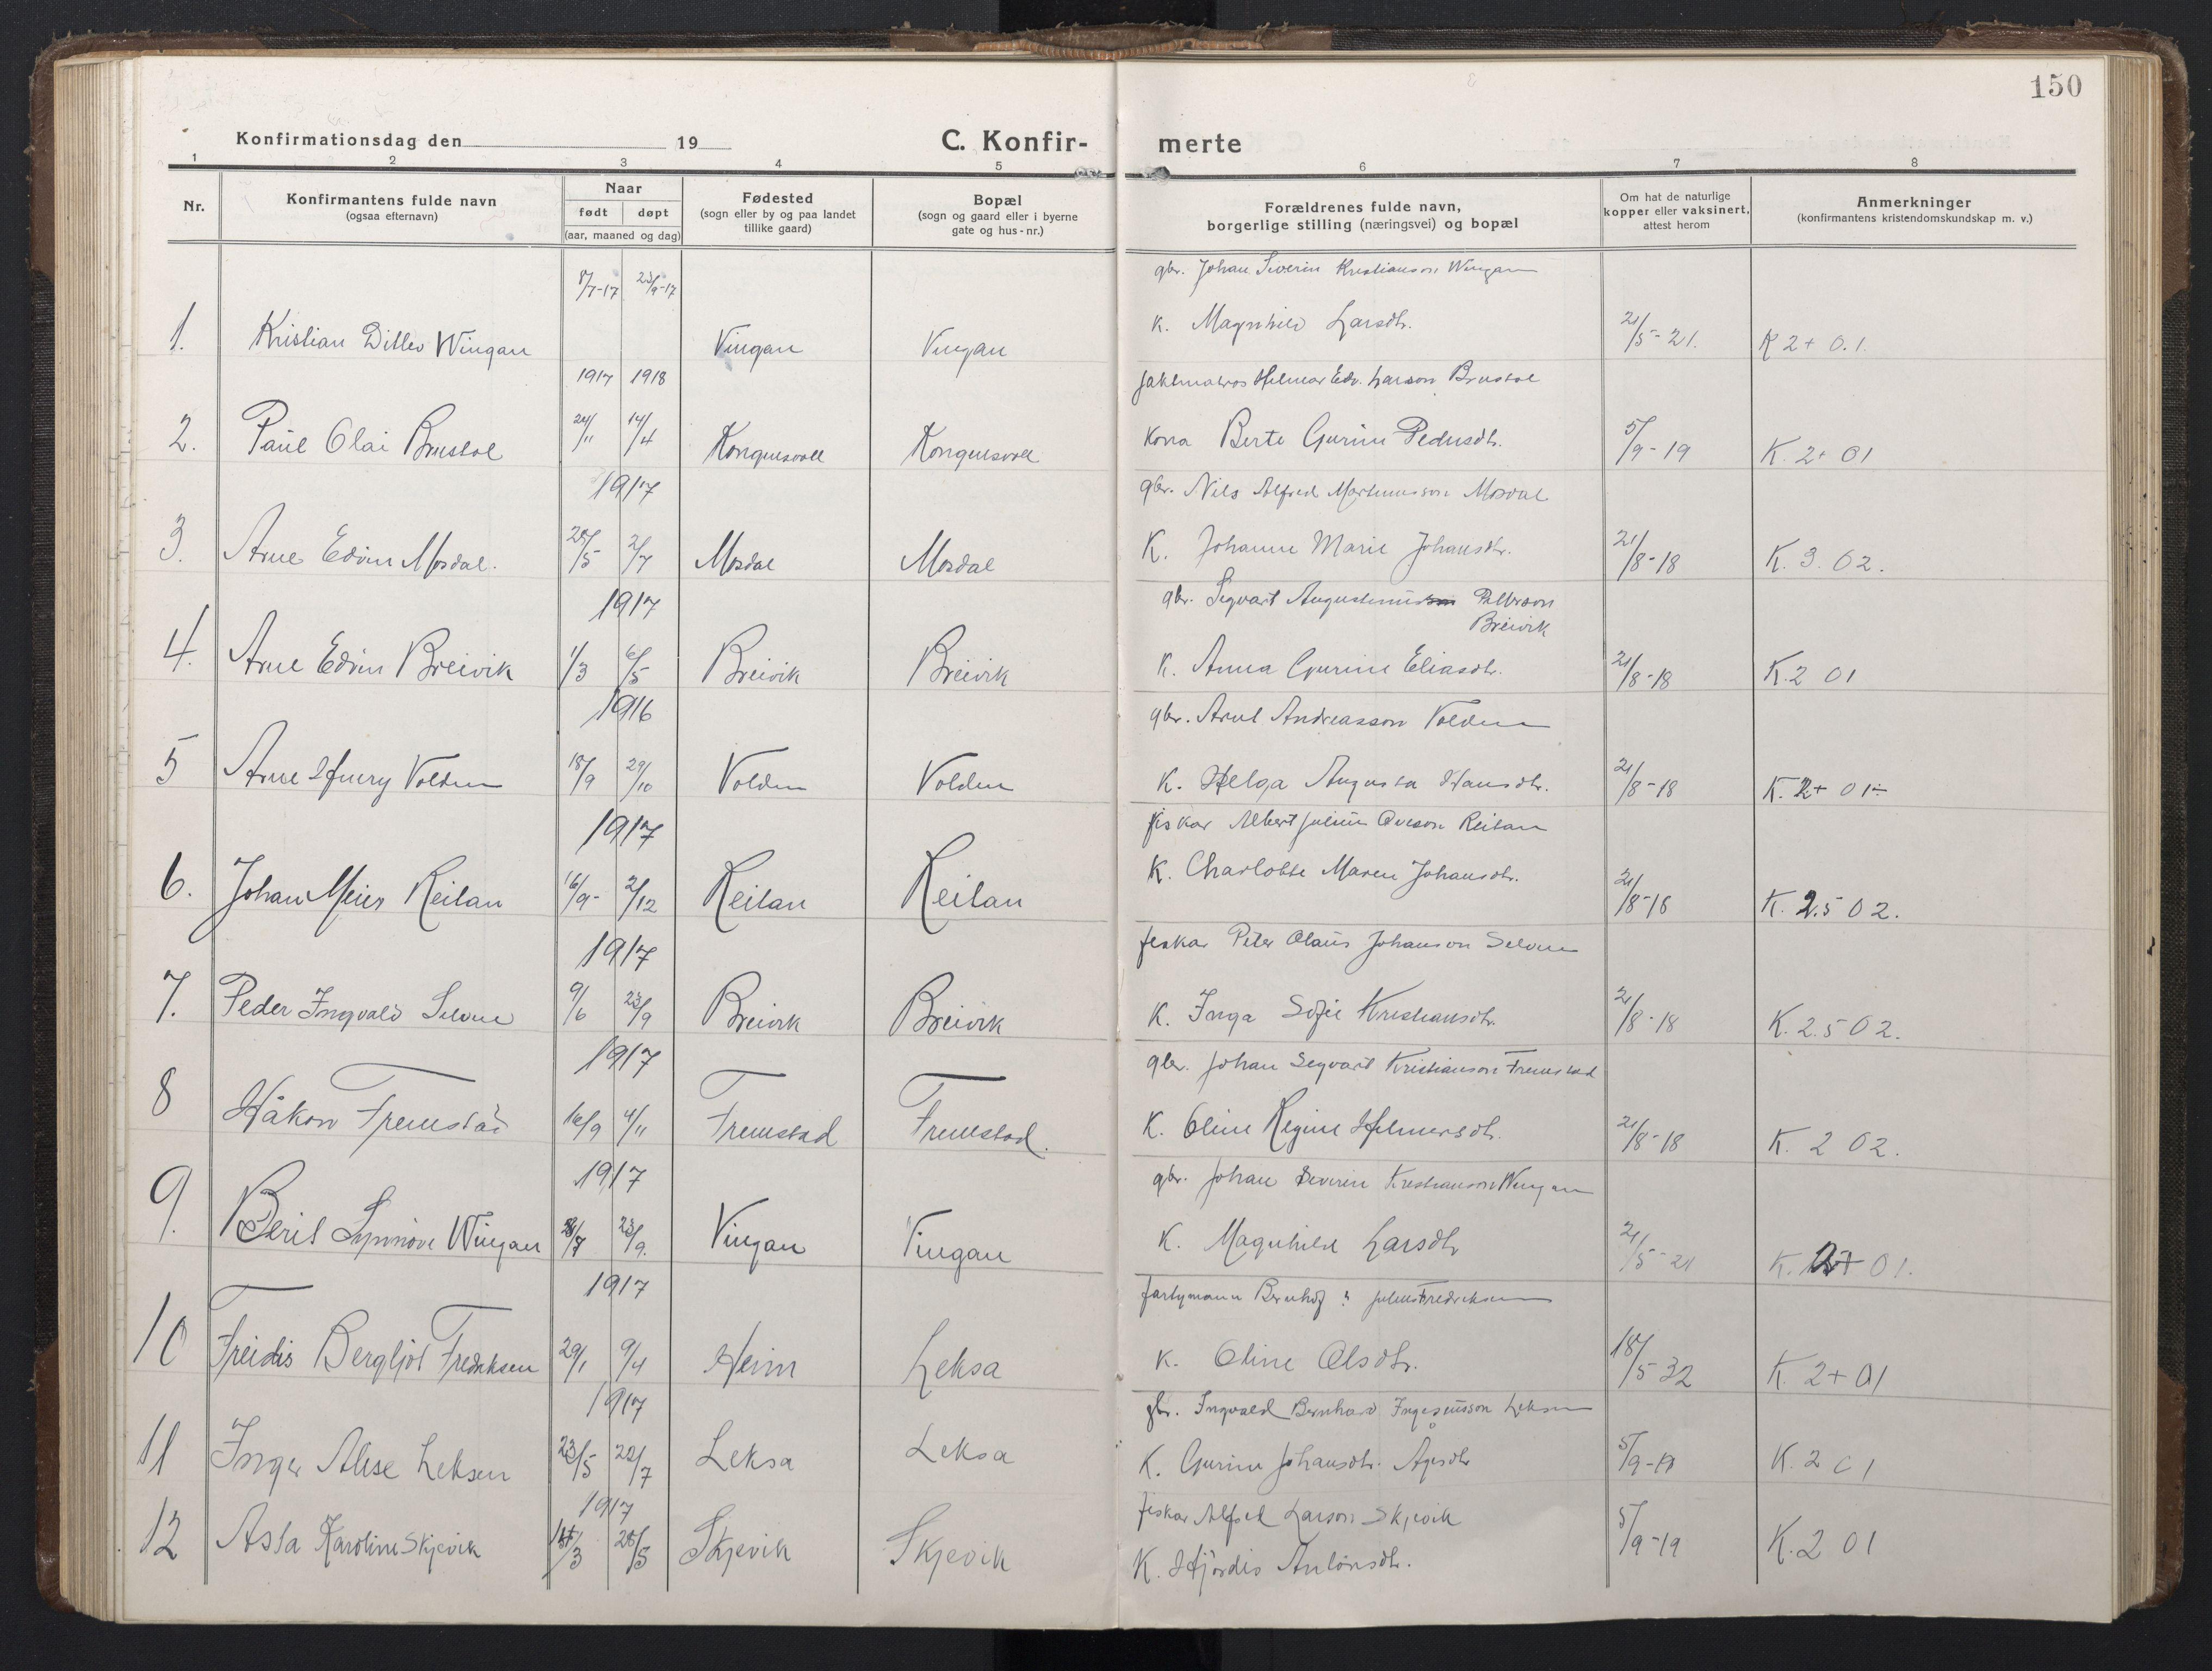 SAT, Ministerialprotokoller, klokkerbøker og fødselsregistre - Sør-Trøndelag, 662/L0758: Klokkerbok nr. 662C03, 1918-1948, s. 150